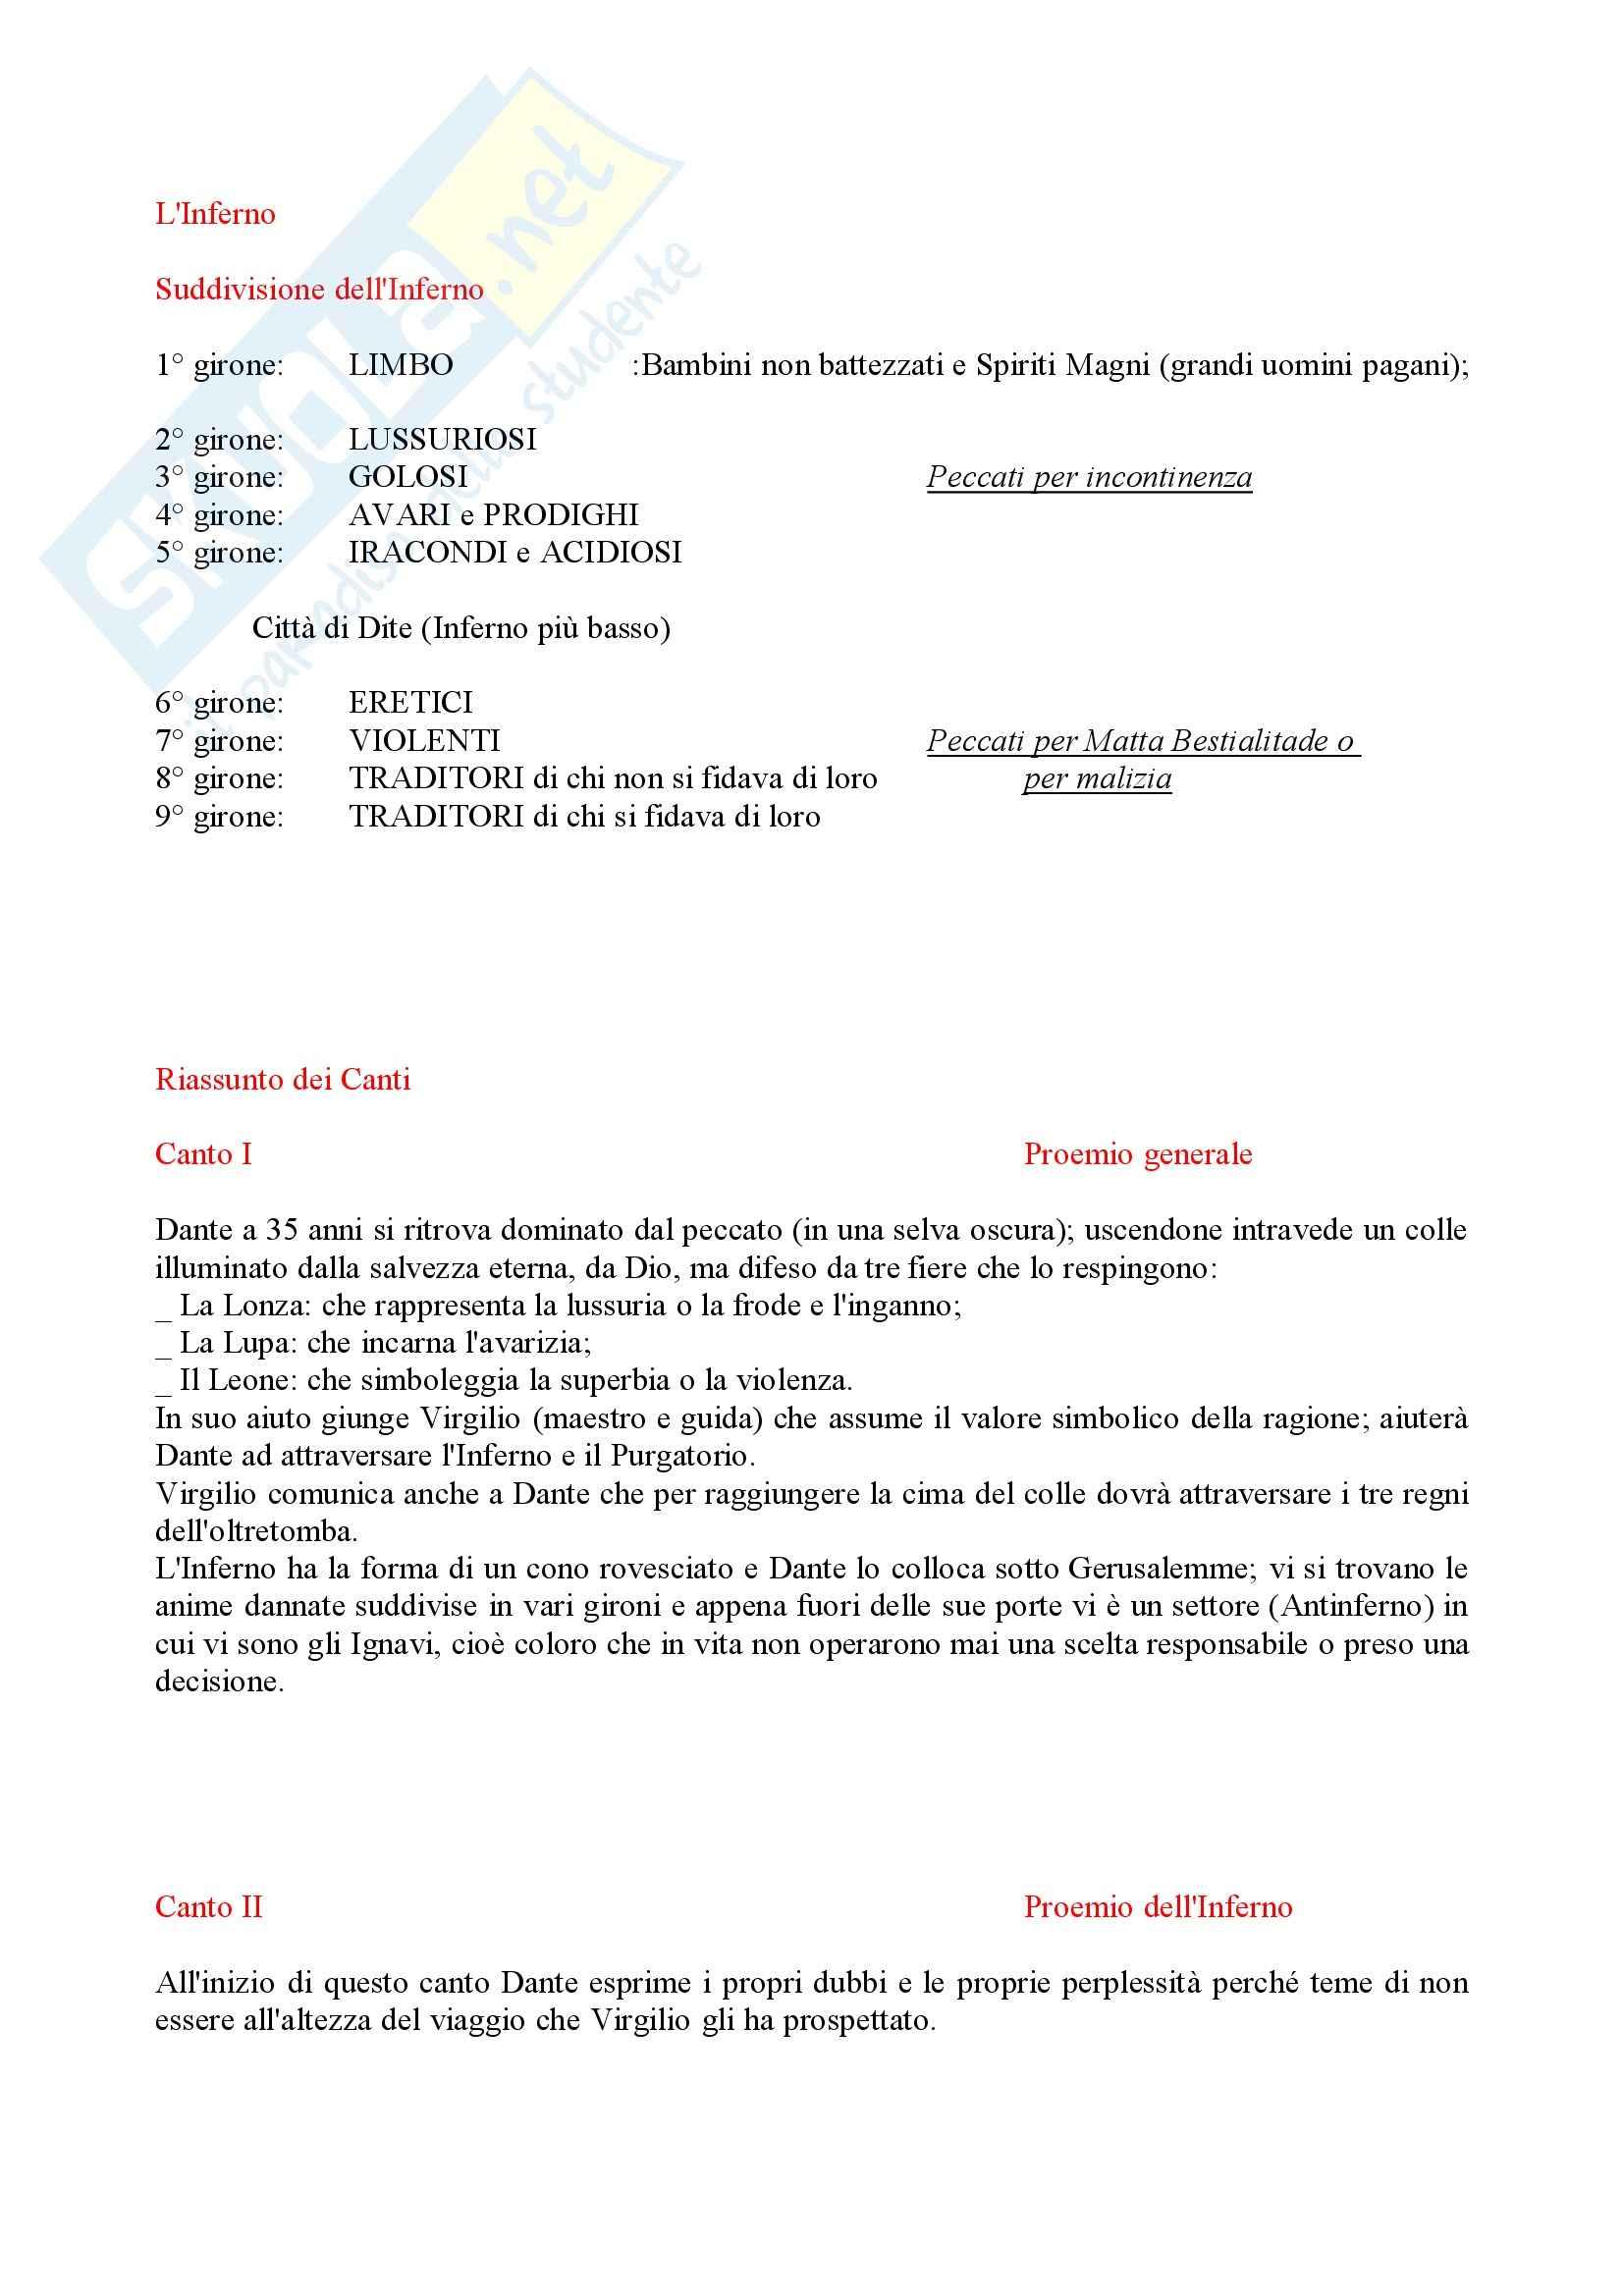 Divina commedia, Inferno - Riassunto, prof. Tateo Pag. 2